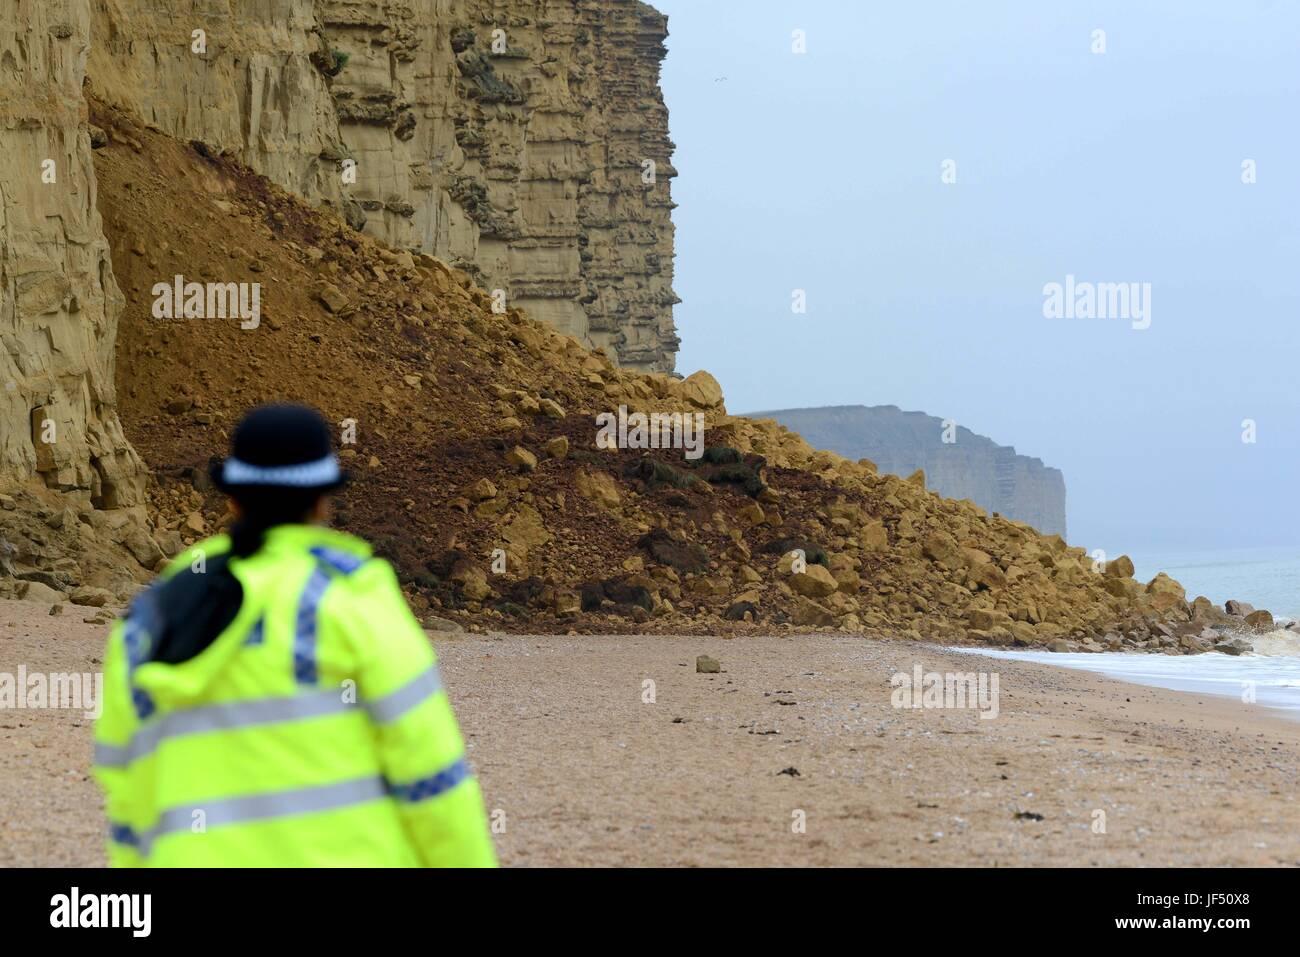 West Bay, Dorset, Regno Unito. Il 29 giugno, 2017. La polizia vicino Oriente sulla scogliera e sulla spiaggia dopo Immagini Stock